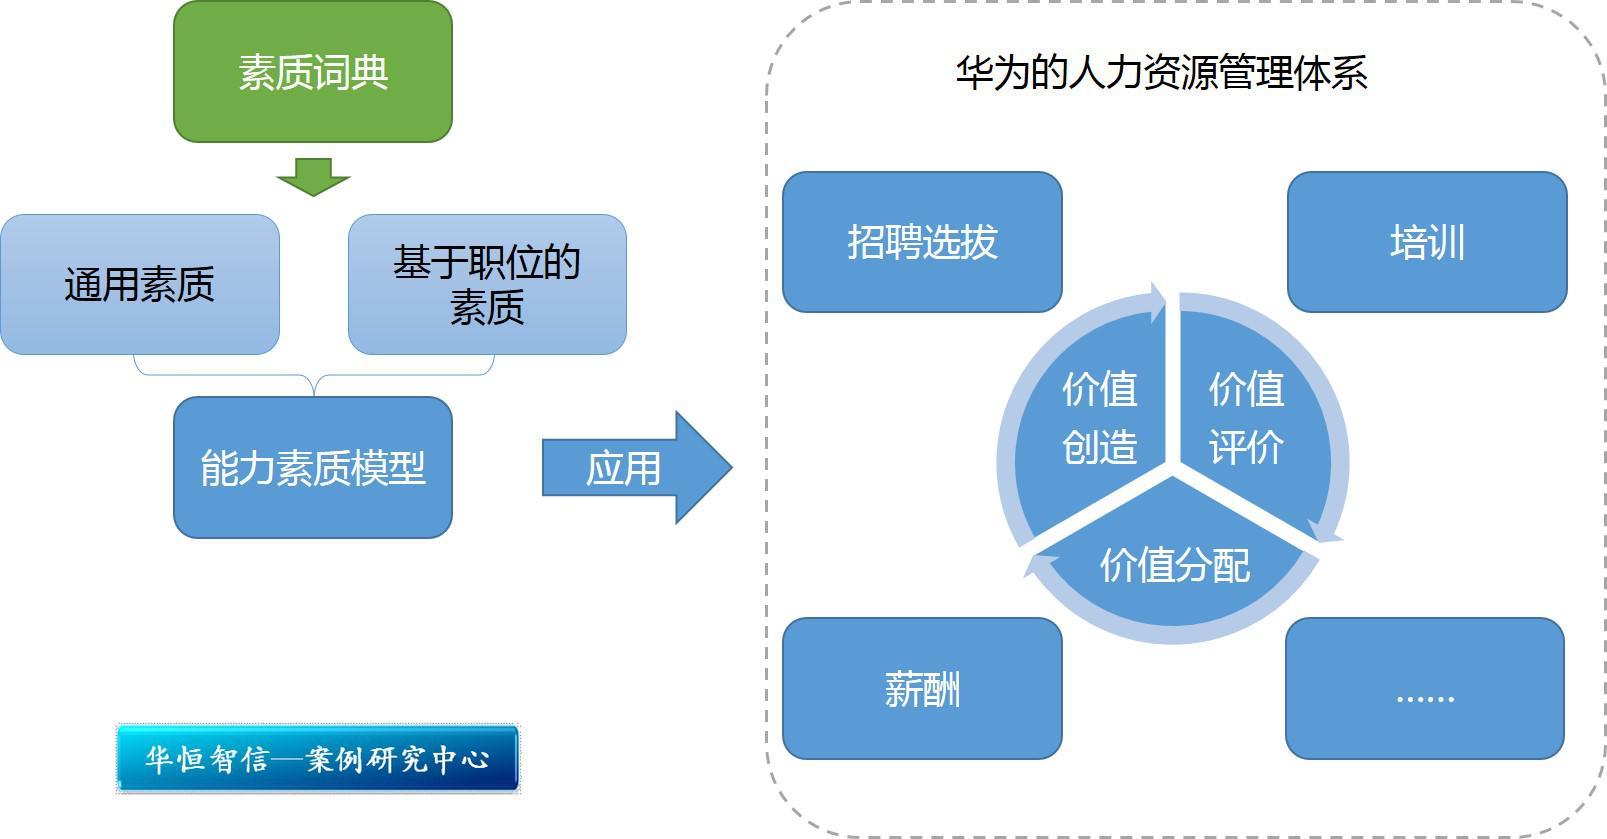 金刚石结构模型制作过程